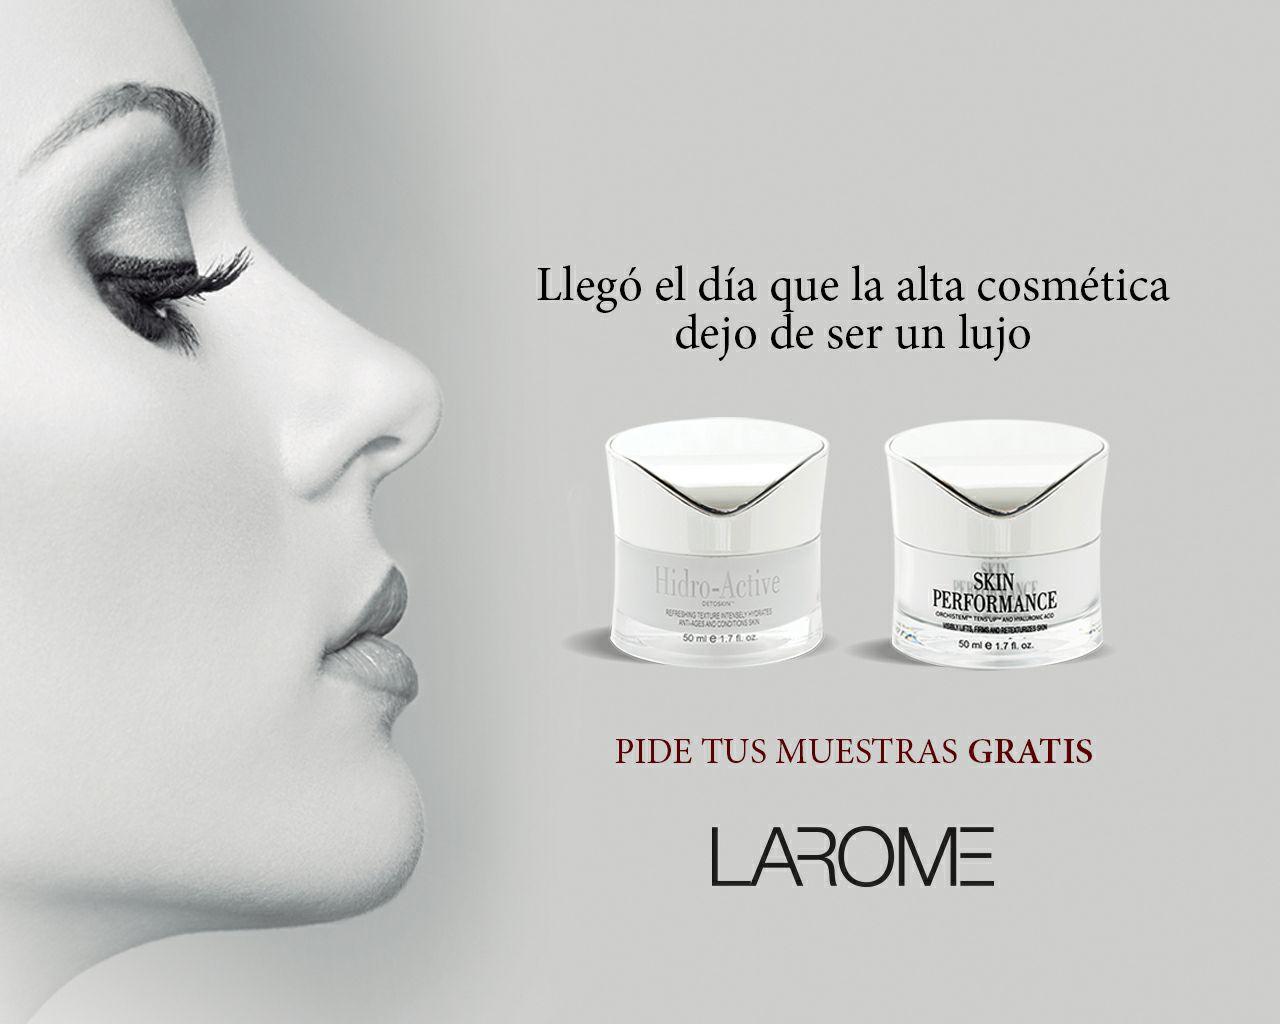 10,000 muestras 3 productos Larome (Sampling)